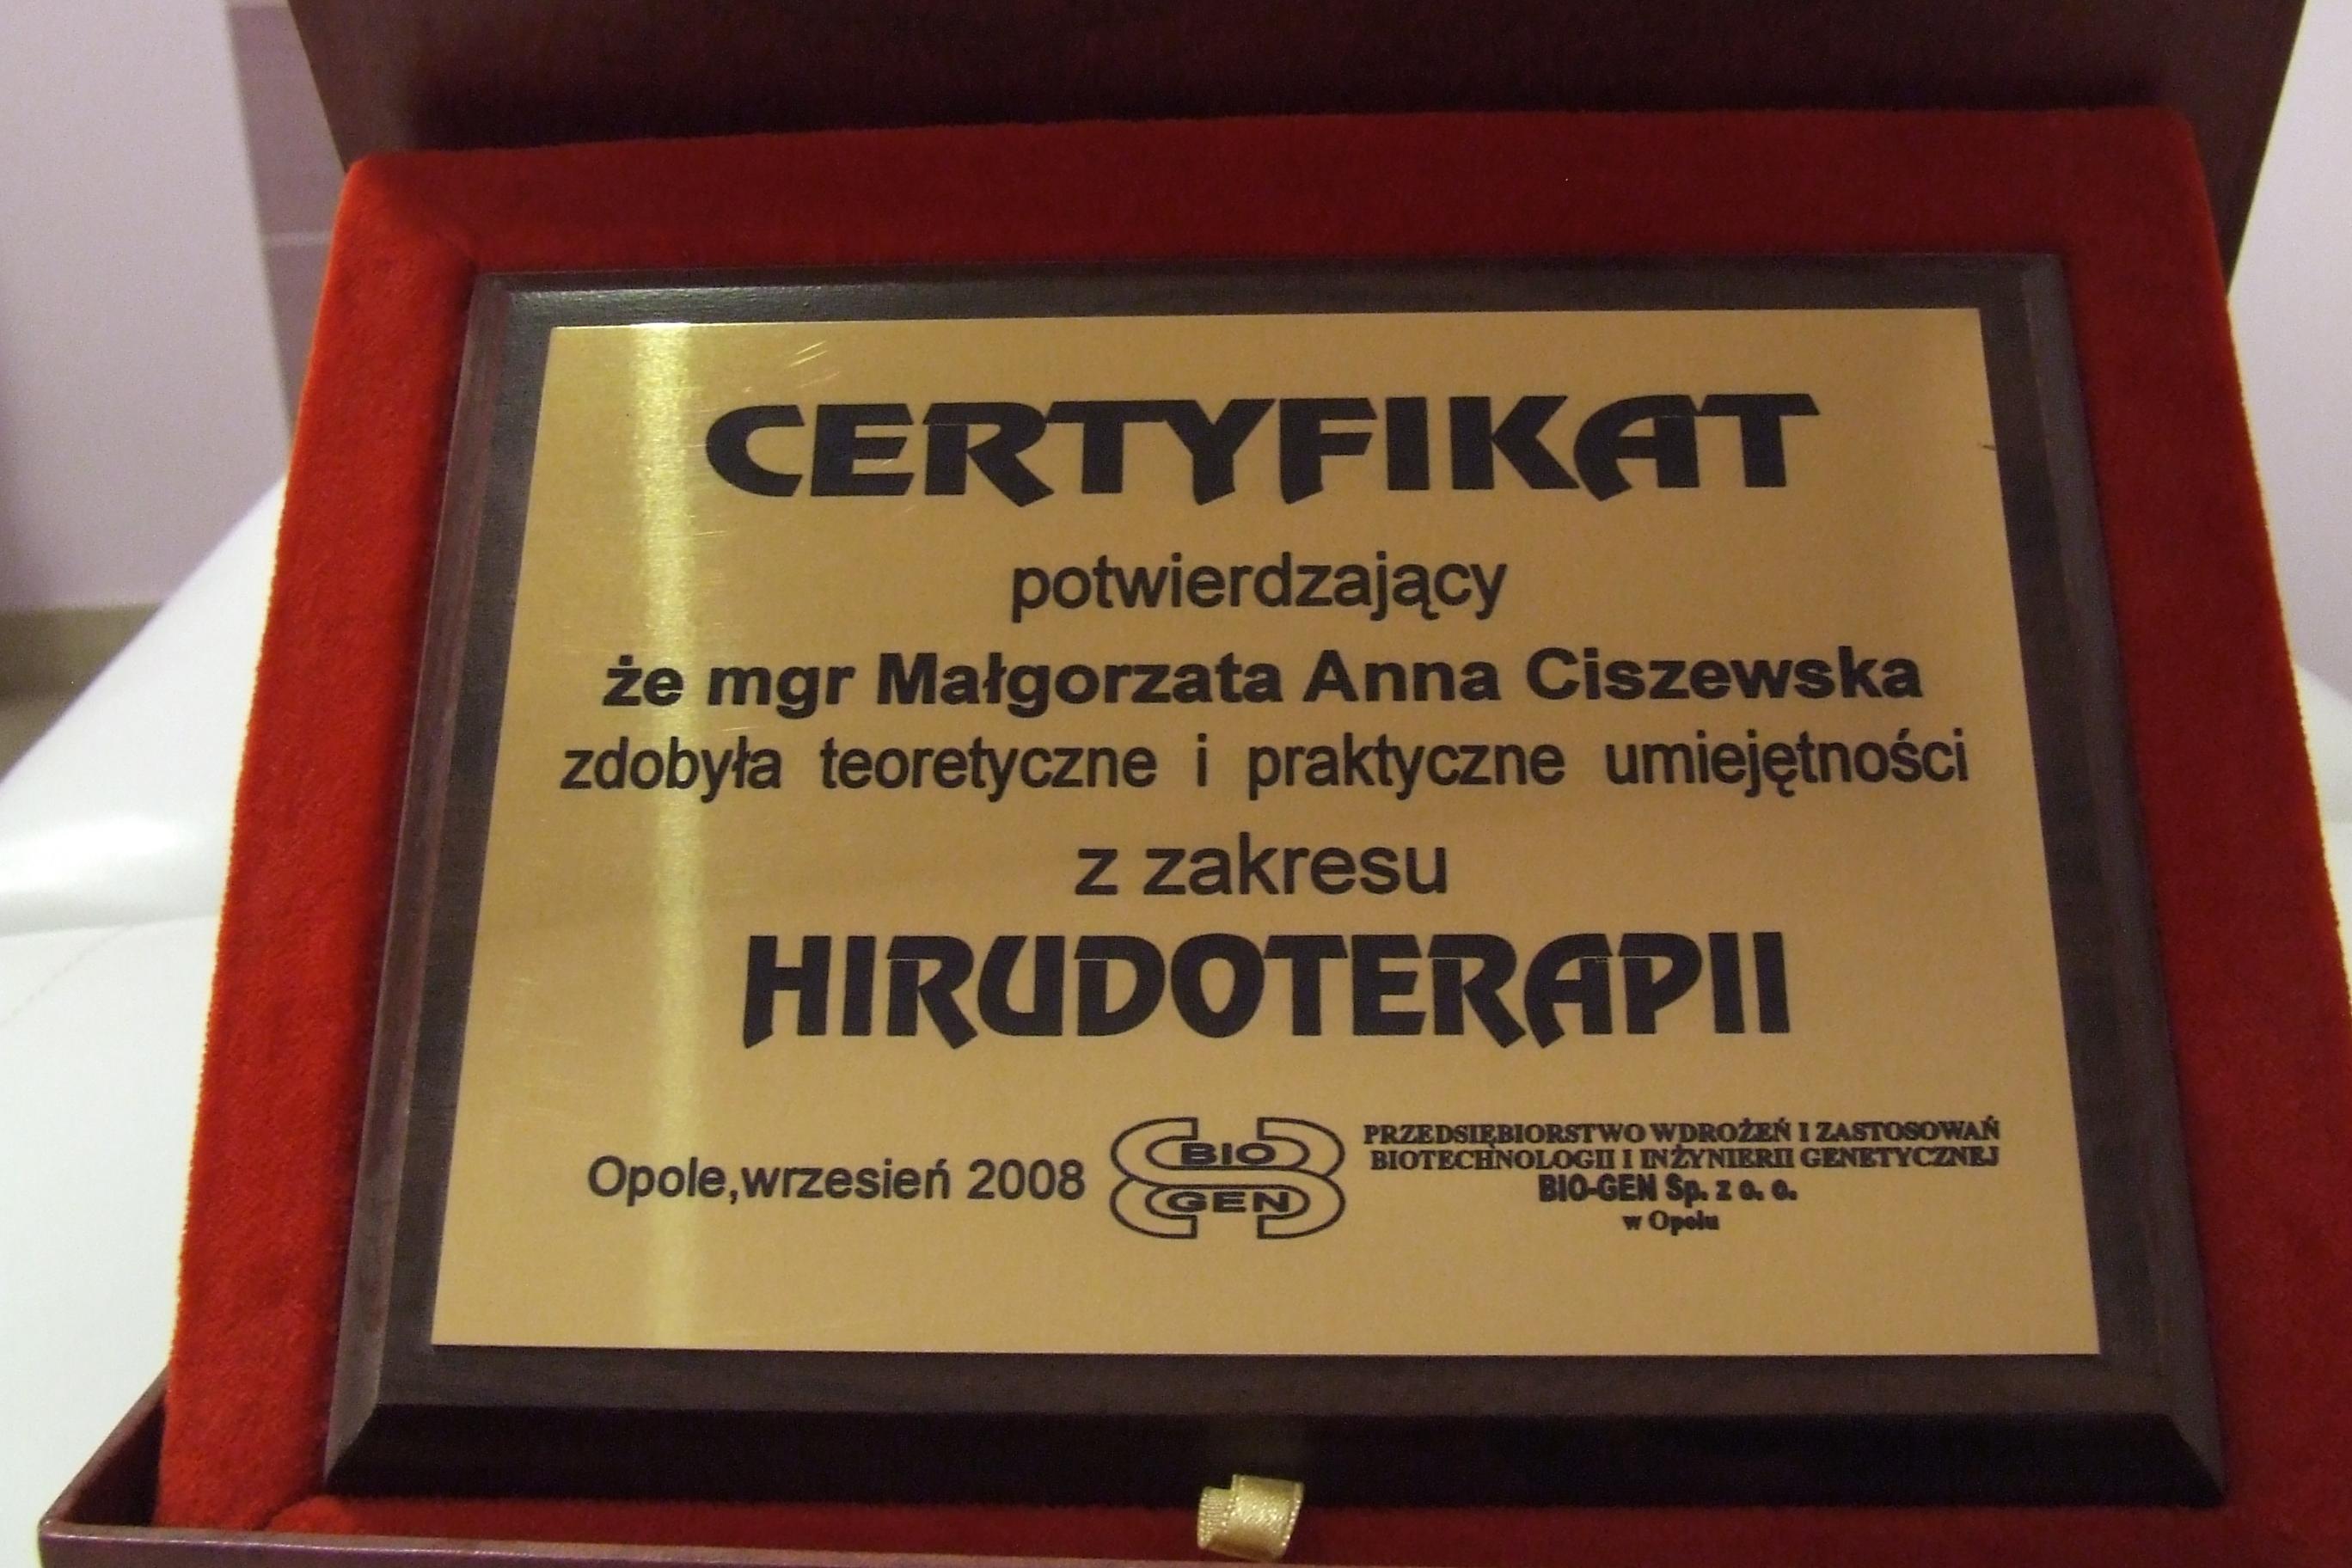 certyfikat hirudoterapii